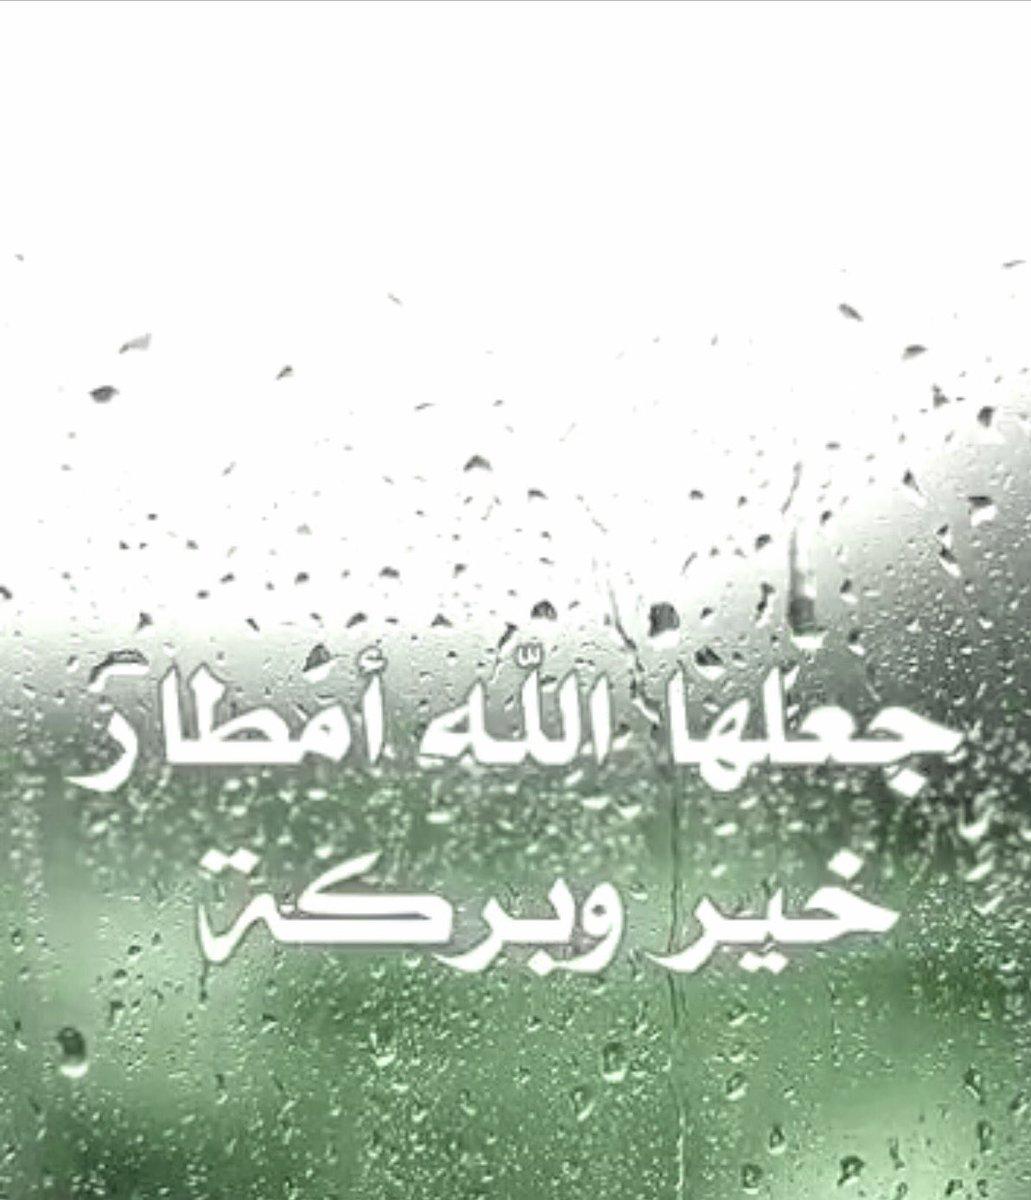 الأمل On Twitter دعاء نزول المطر عند نزول المطر